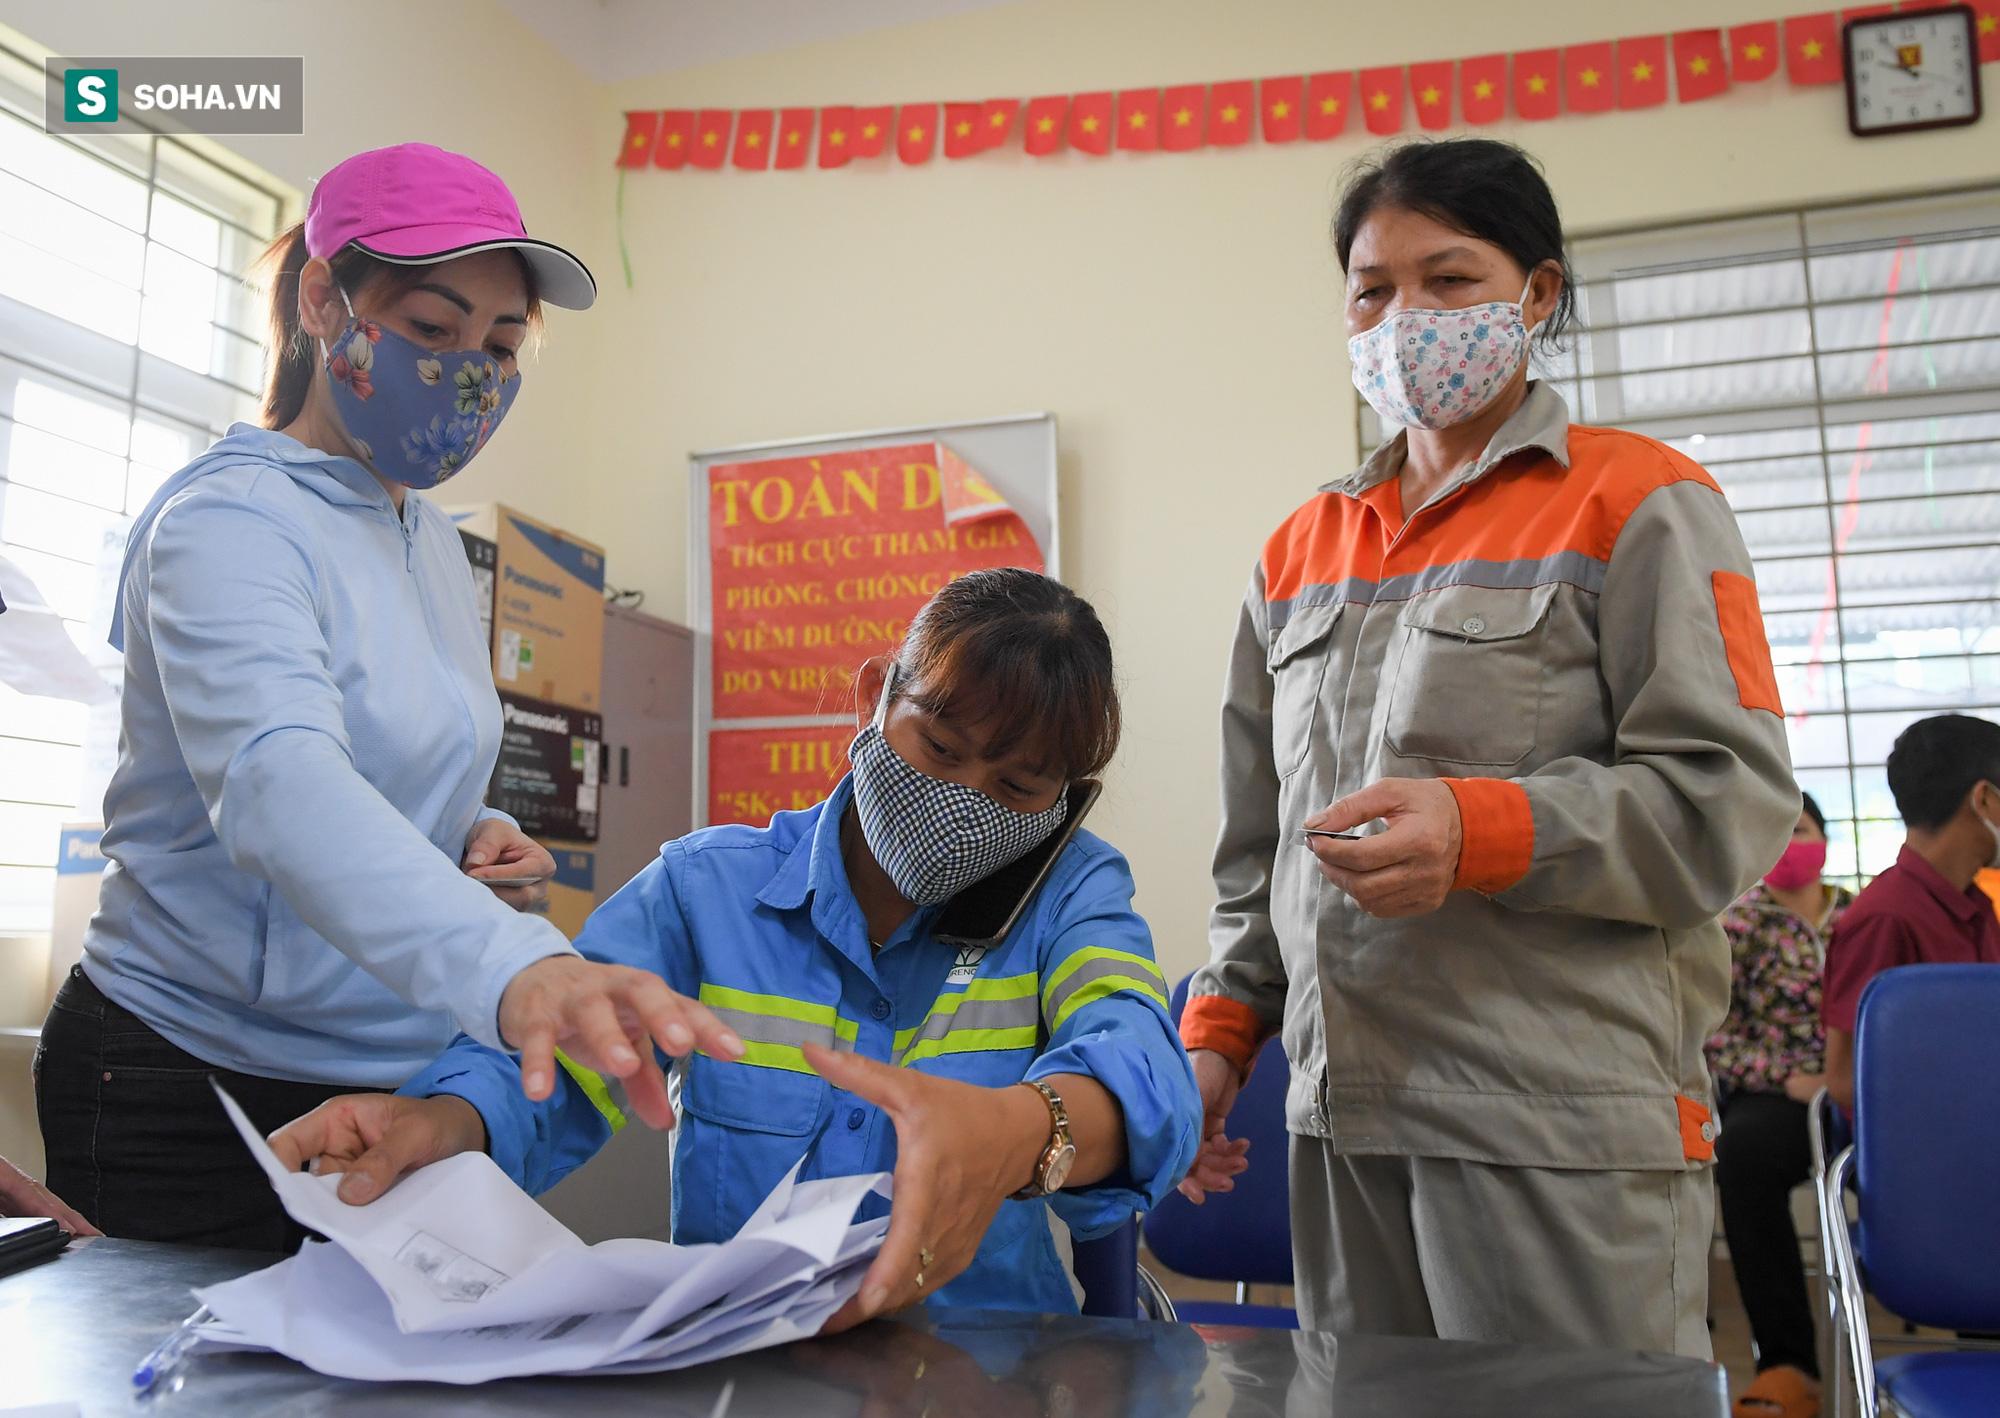 Nữ công nhân môi trường bị nợ lương xúc động khi nhận hỗ trợ: Có người coi thường gọi con rác ơi! - Ảnh 4.